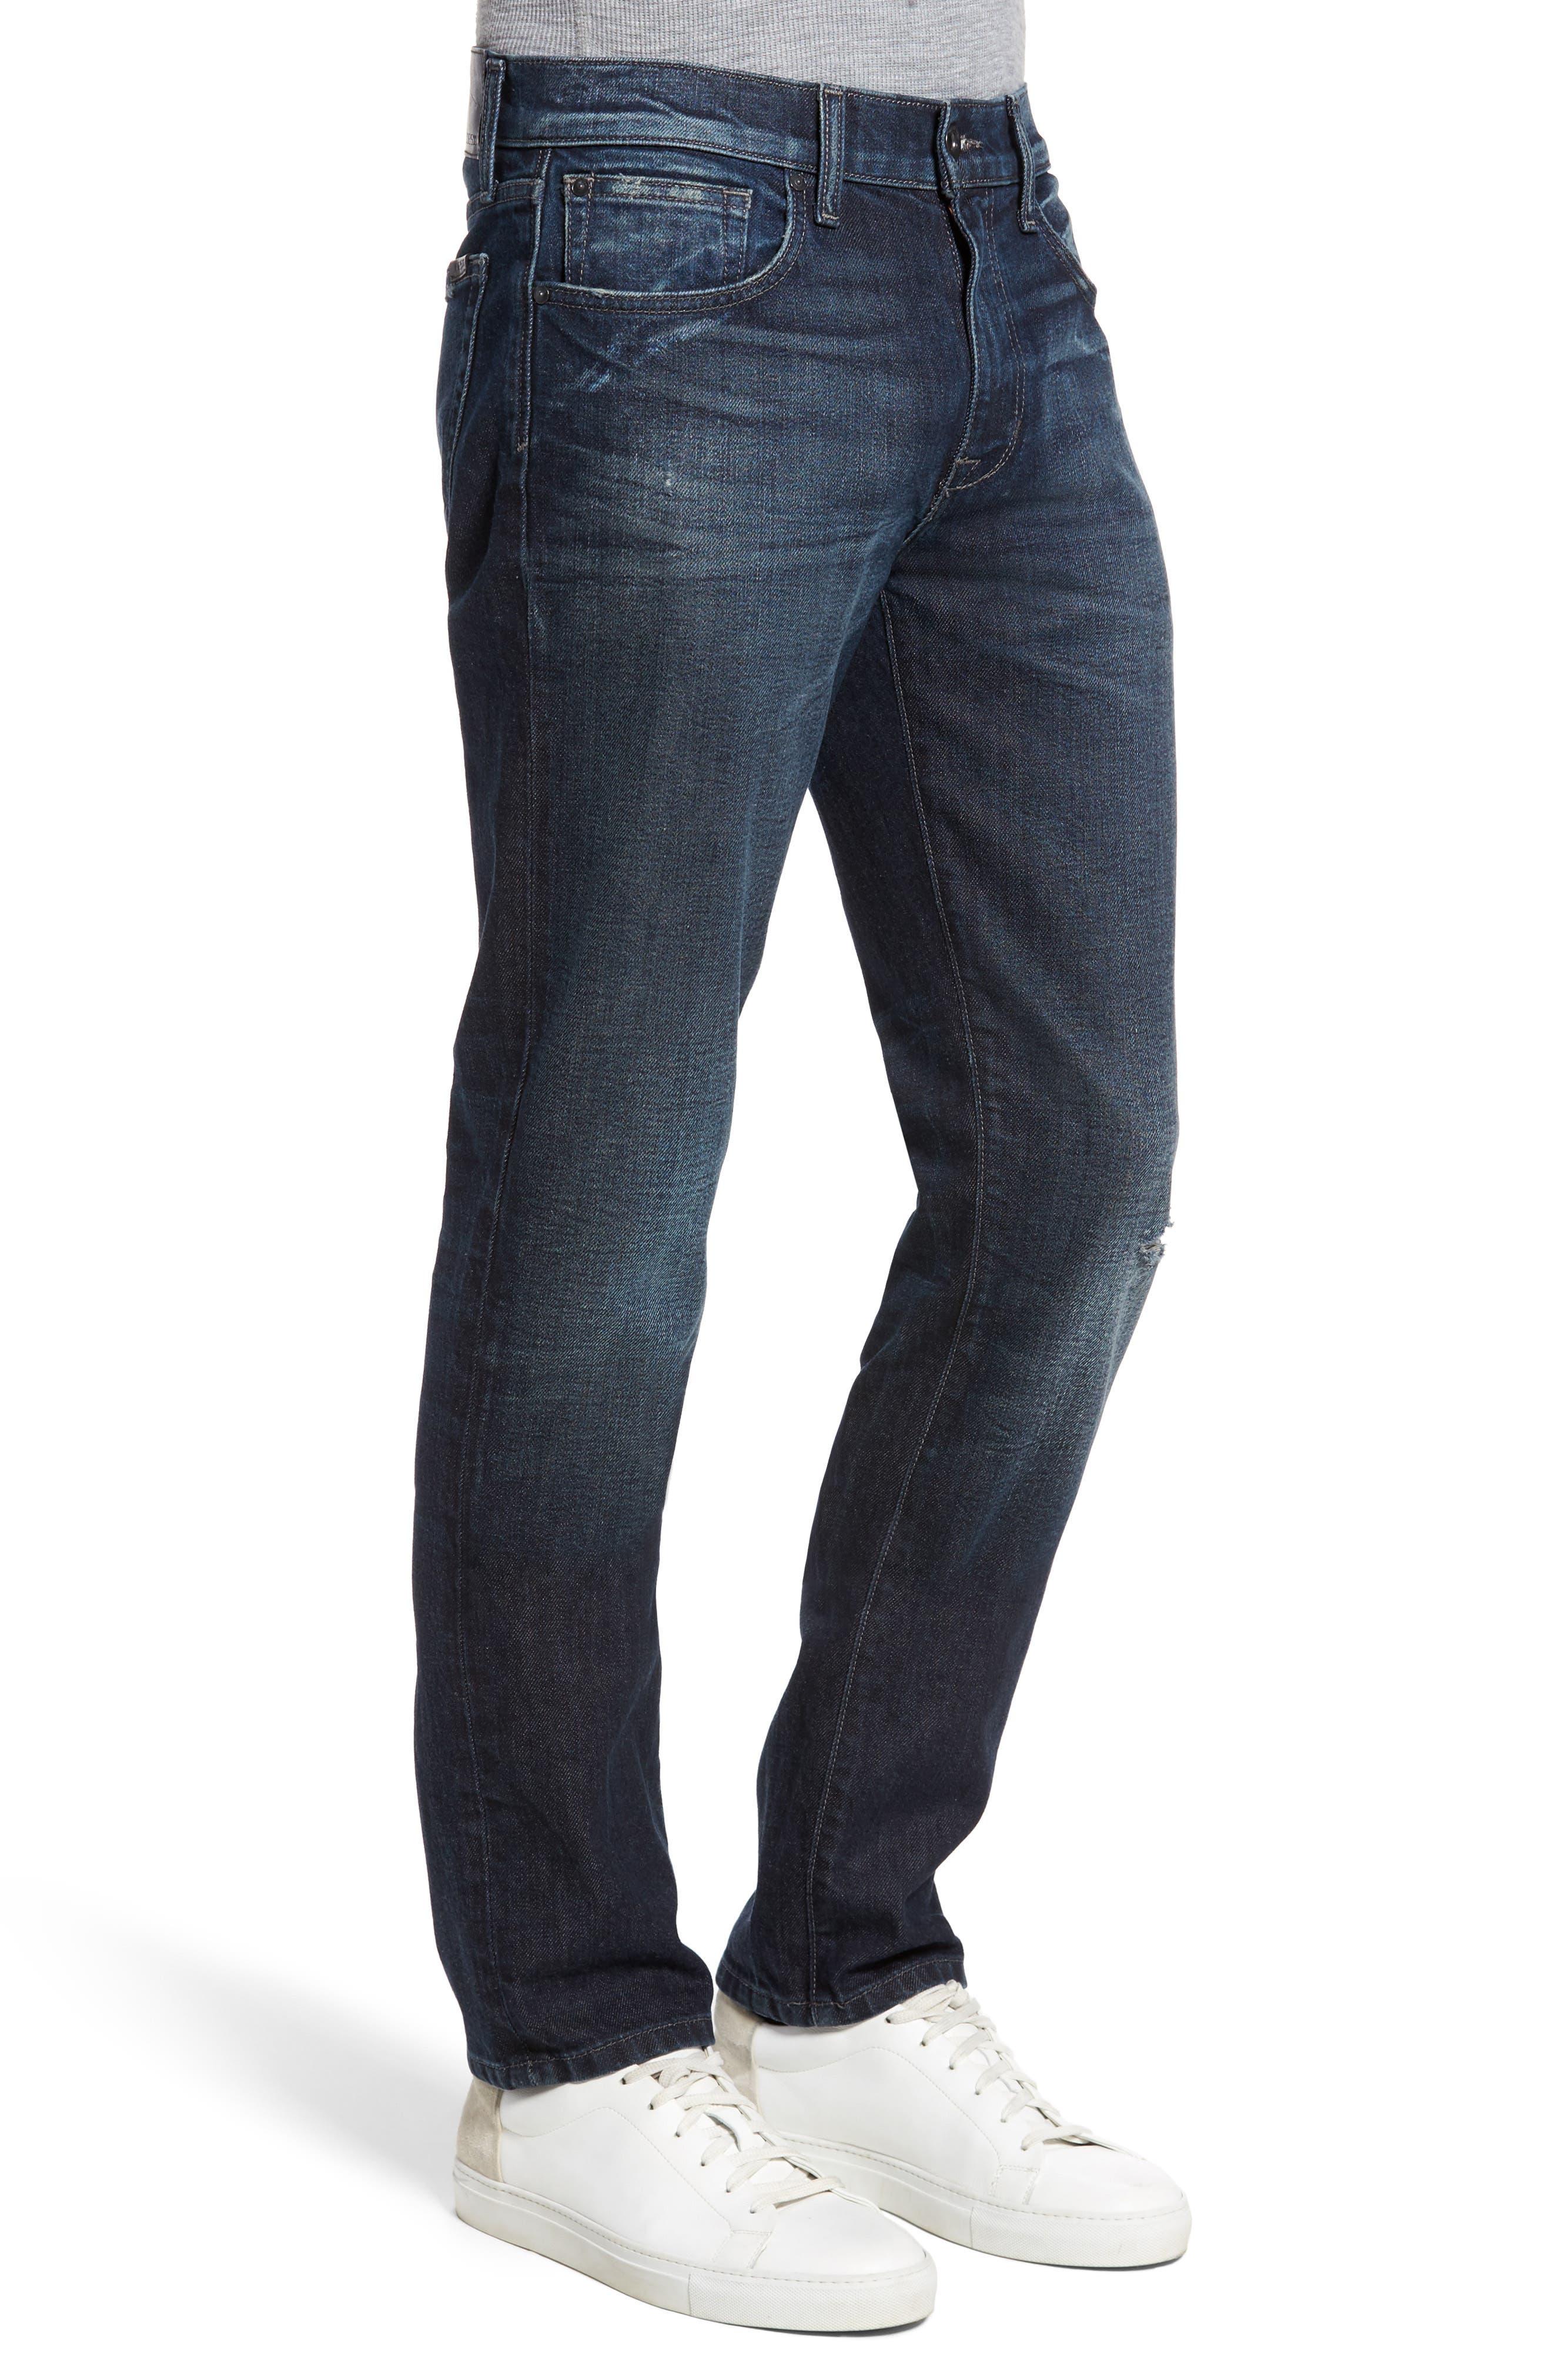 JOE'S,                             Brixton Slim Straight Leg Jeans,                             Alternate thumbnail 3, color,                             415